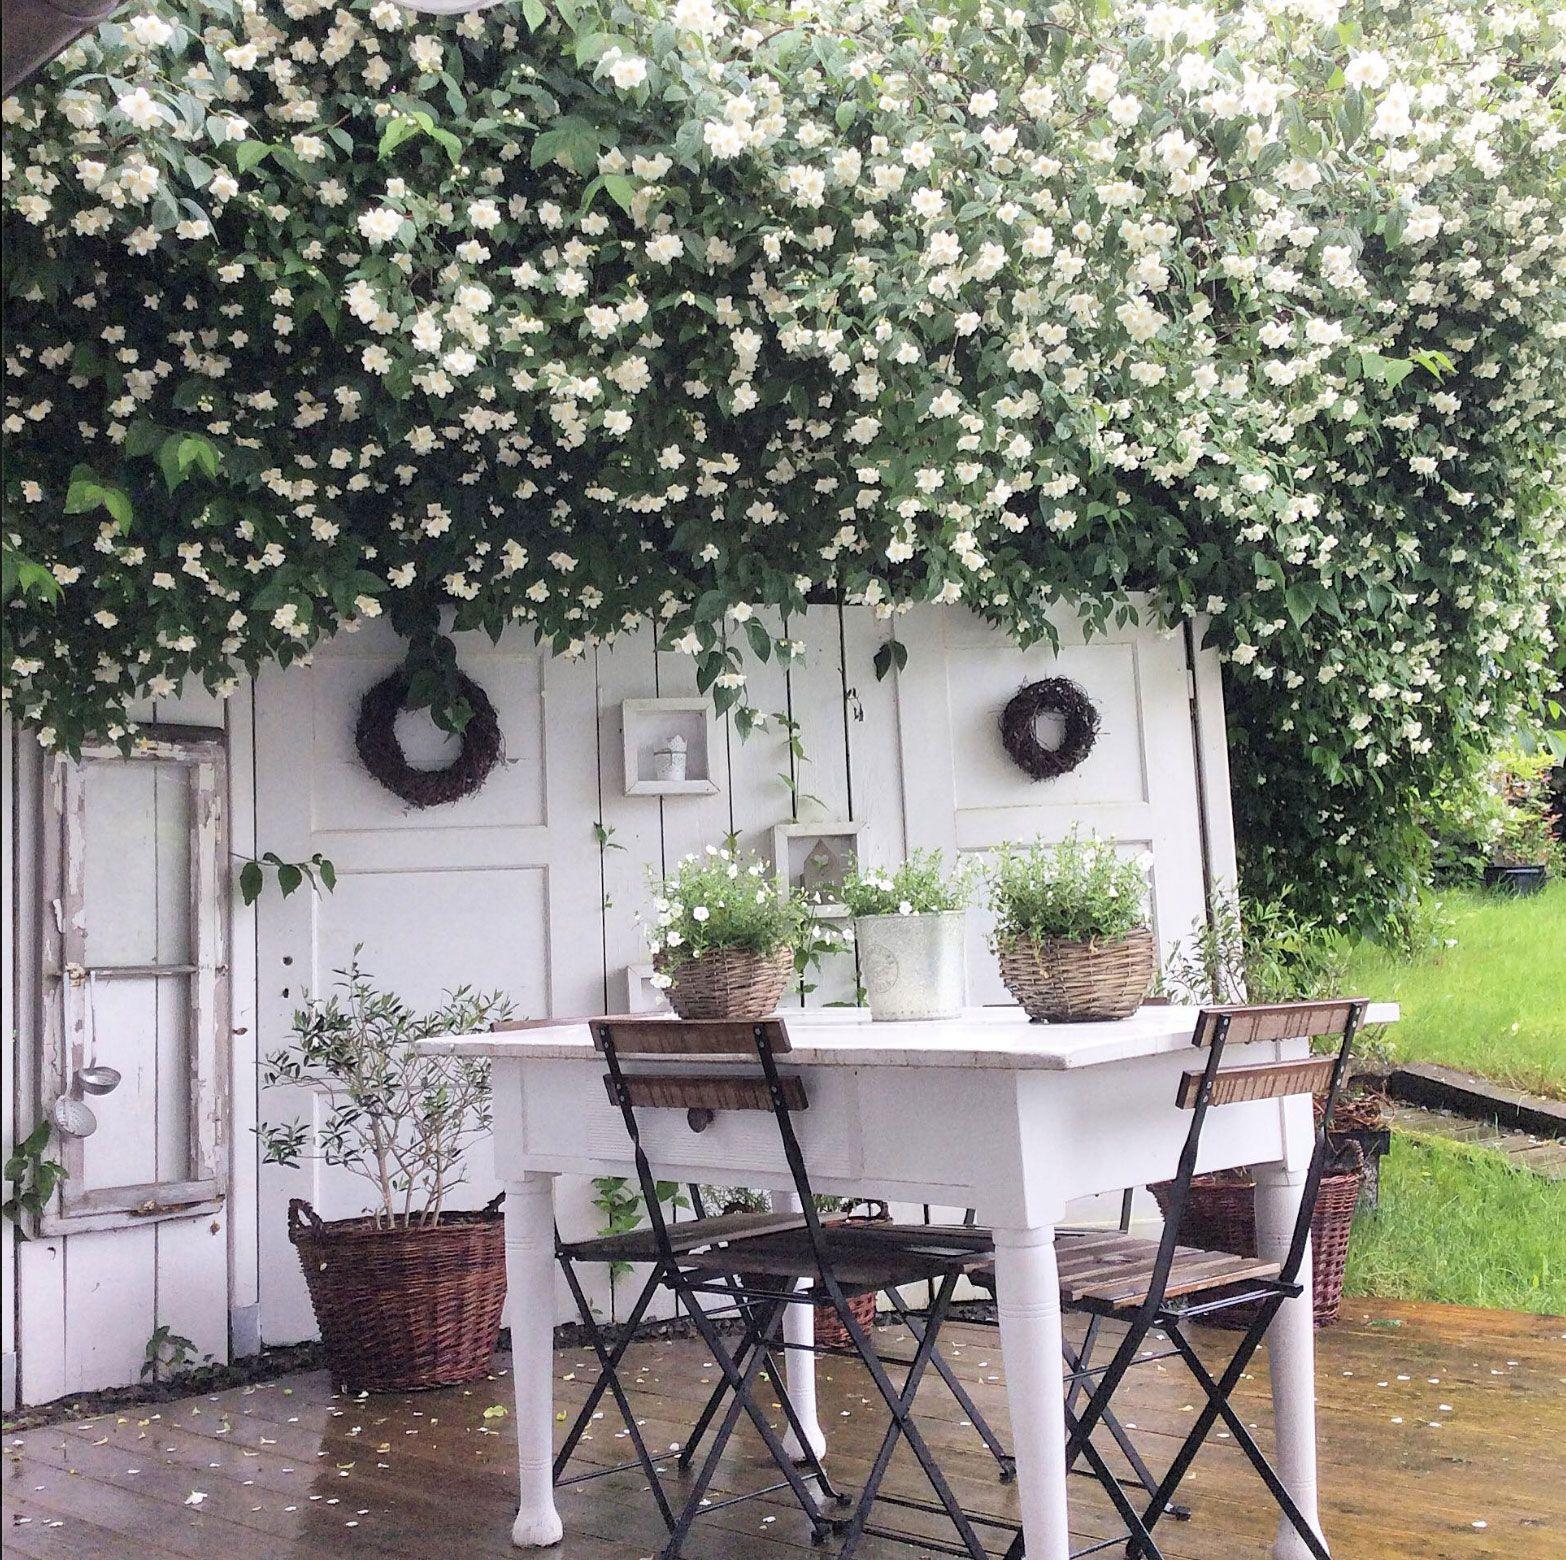 die 25 sch nsten ideen f r die terrasse von bloggern und einrichtungsbegeisterten von instagram. Black Bedroom Furniture Sets. Home Design Ideas